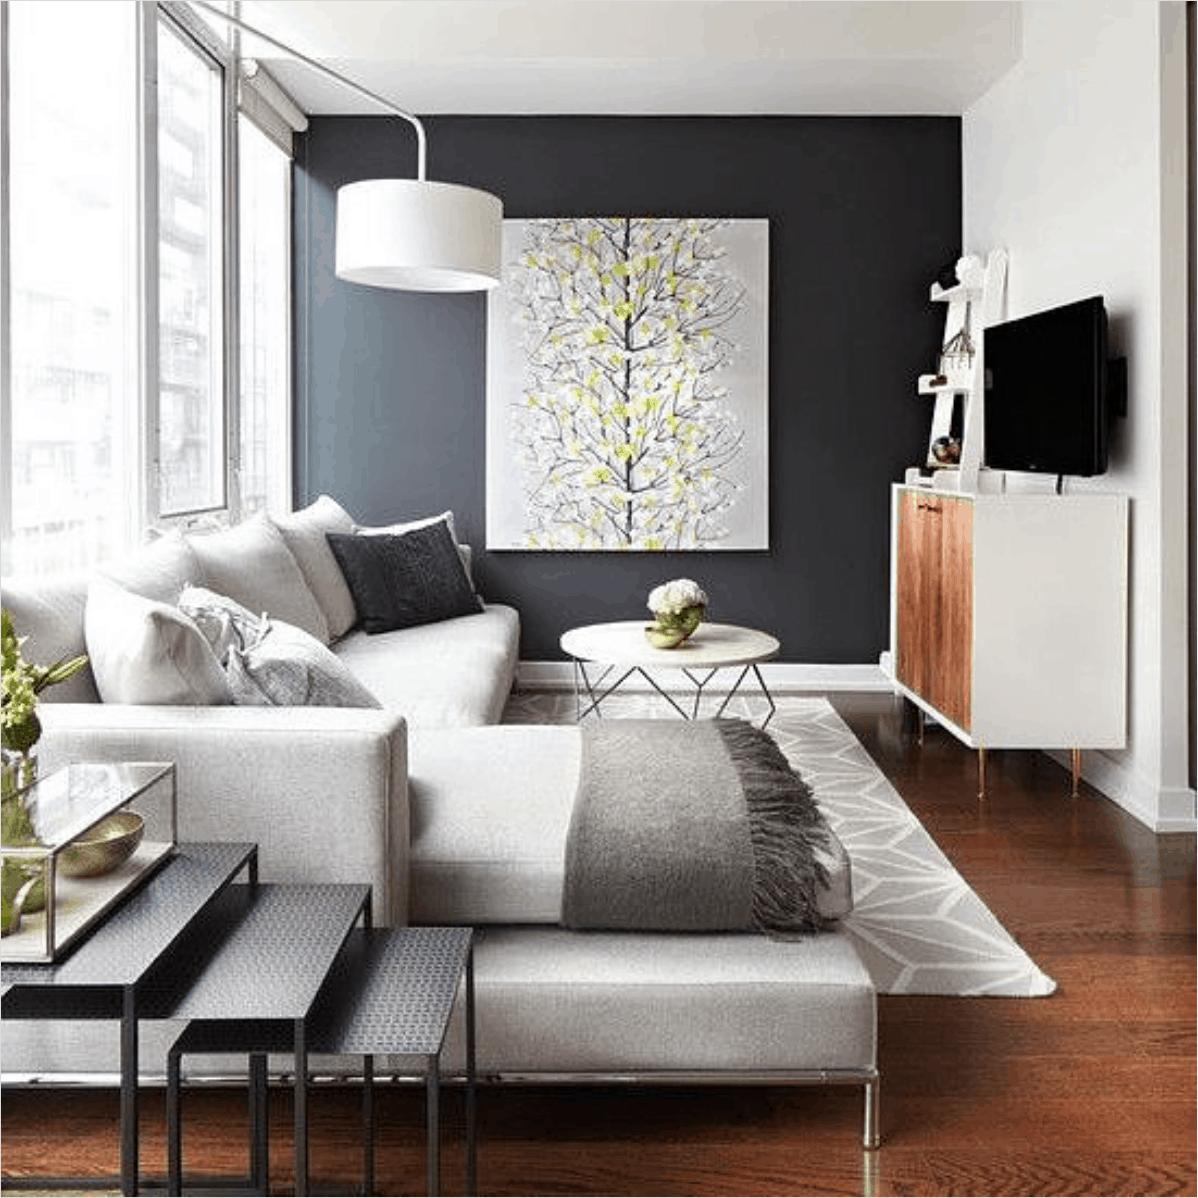 Hướng dẫn chọn sofa để có một căn phòng hoàn hảo 3